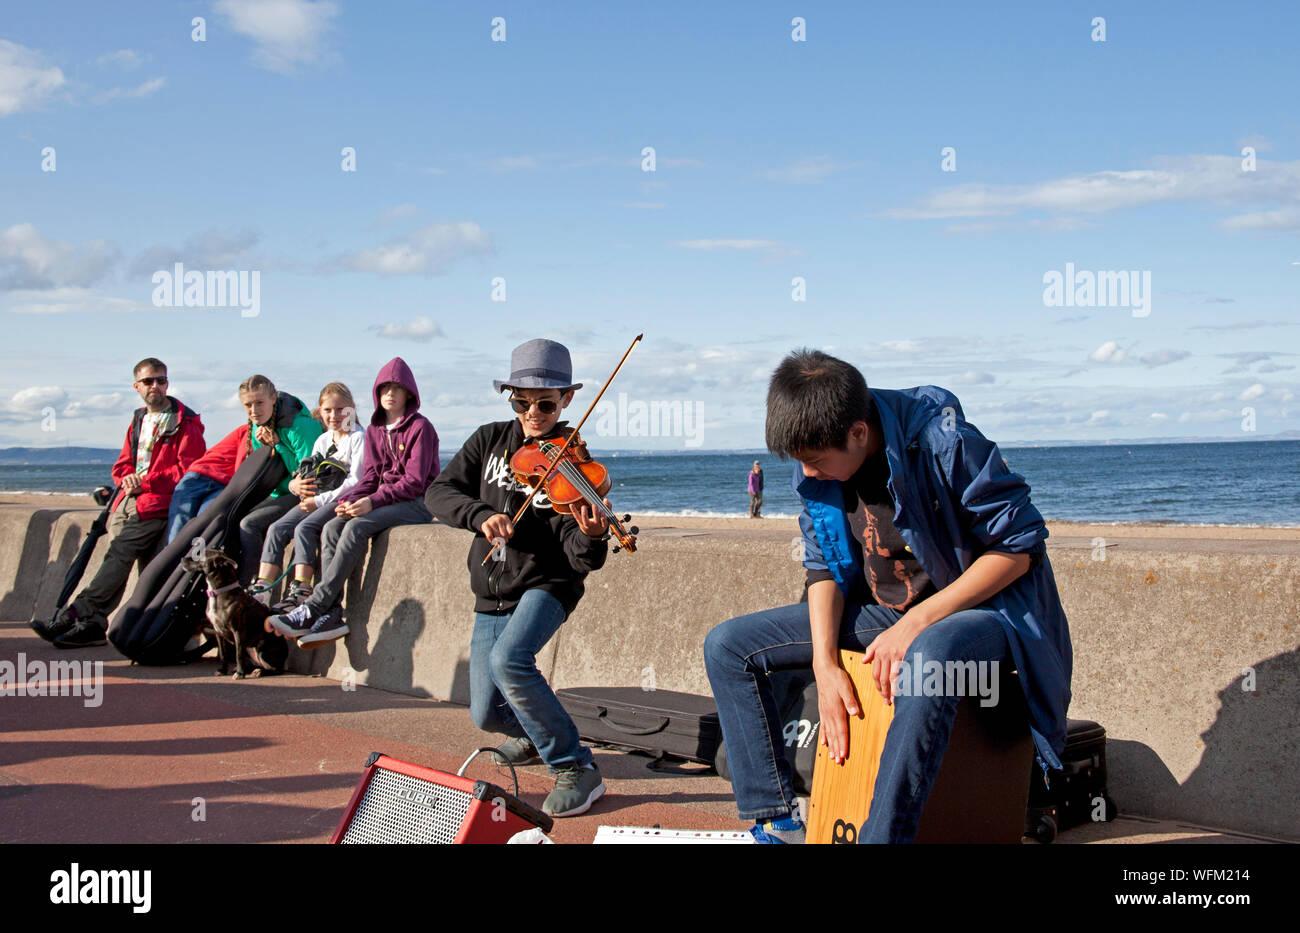 Portobello, Édimbourg, Écosse, Royaume-Uni. 31 août 2019. La grande plage d'Édimbourg Busk retournées pour une dixième fois cette année, avec la plage de Portobello, promenade accueillant des centaines de musiciens. L'énorme événement arts de la rue a été initialement conçu comme un moyen de donner un espace à Édimbourg les amuseurs publics qui étaient peut-être pressé par le Festival. Le Violon les garçons. Banque D'Images